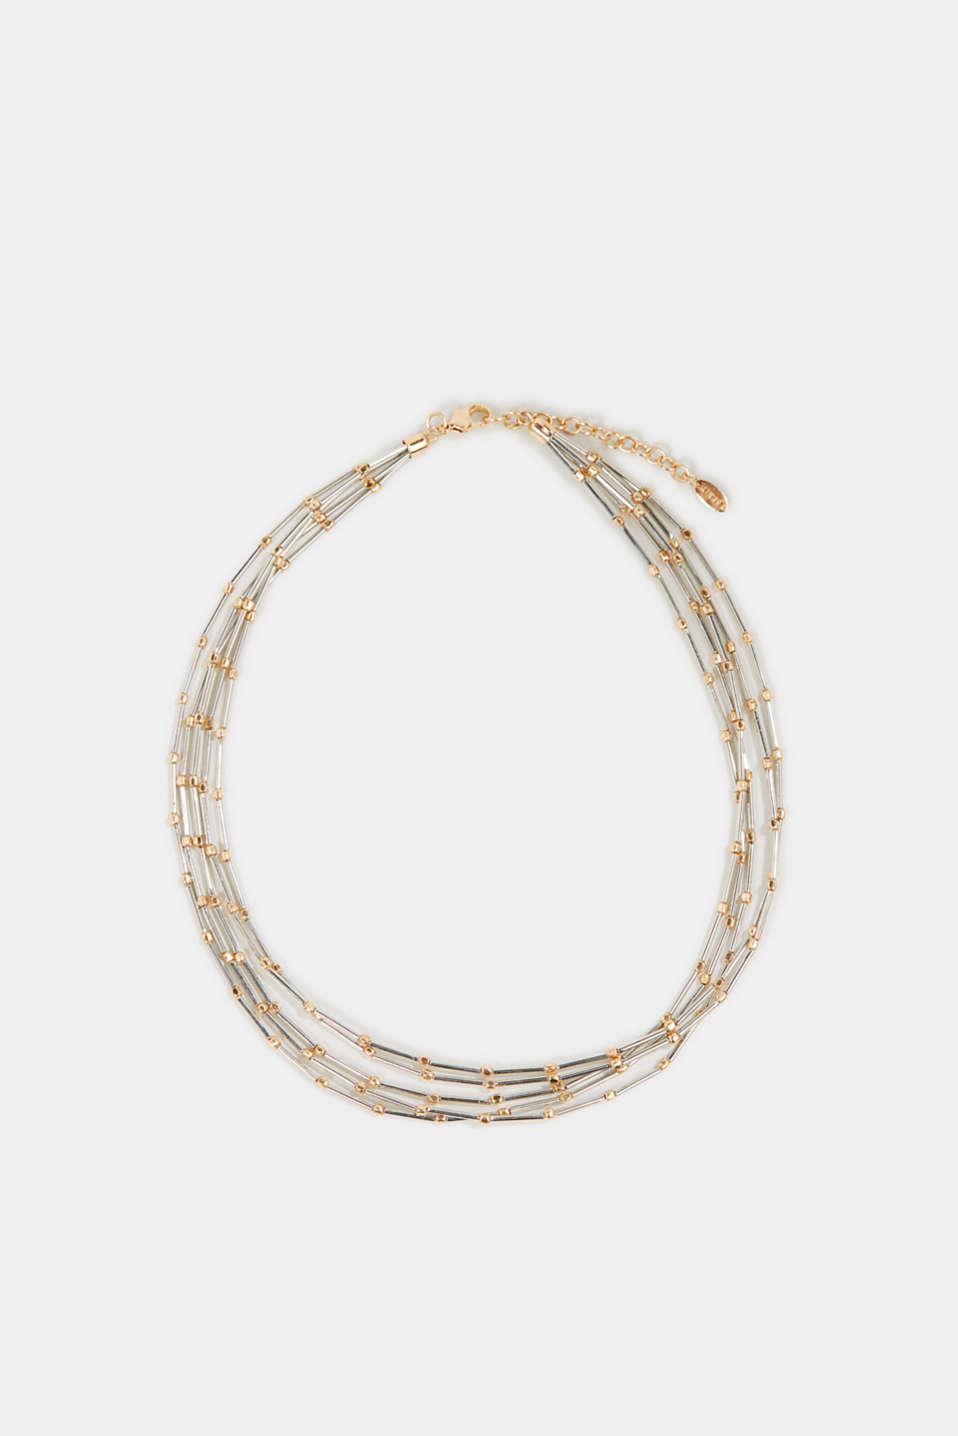 Five-strand metal necklace, 1COLOR, detail image number 0